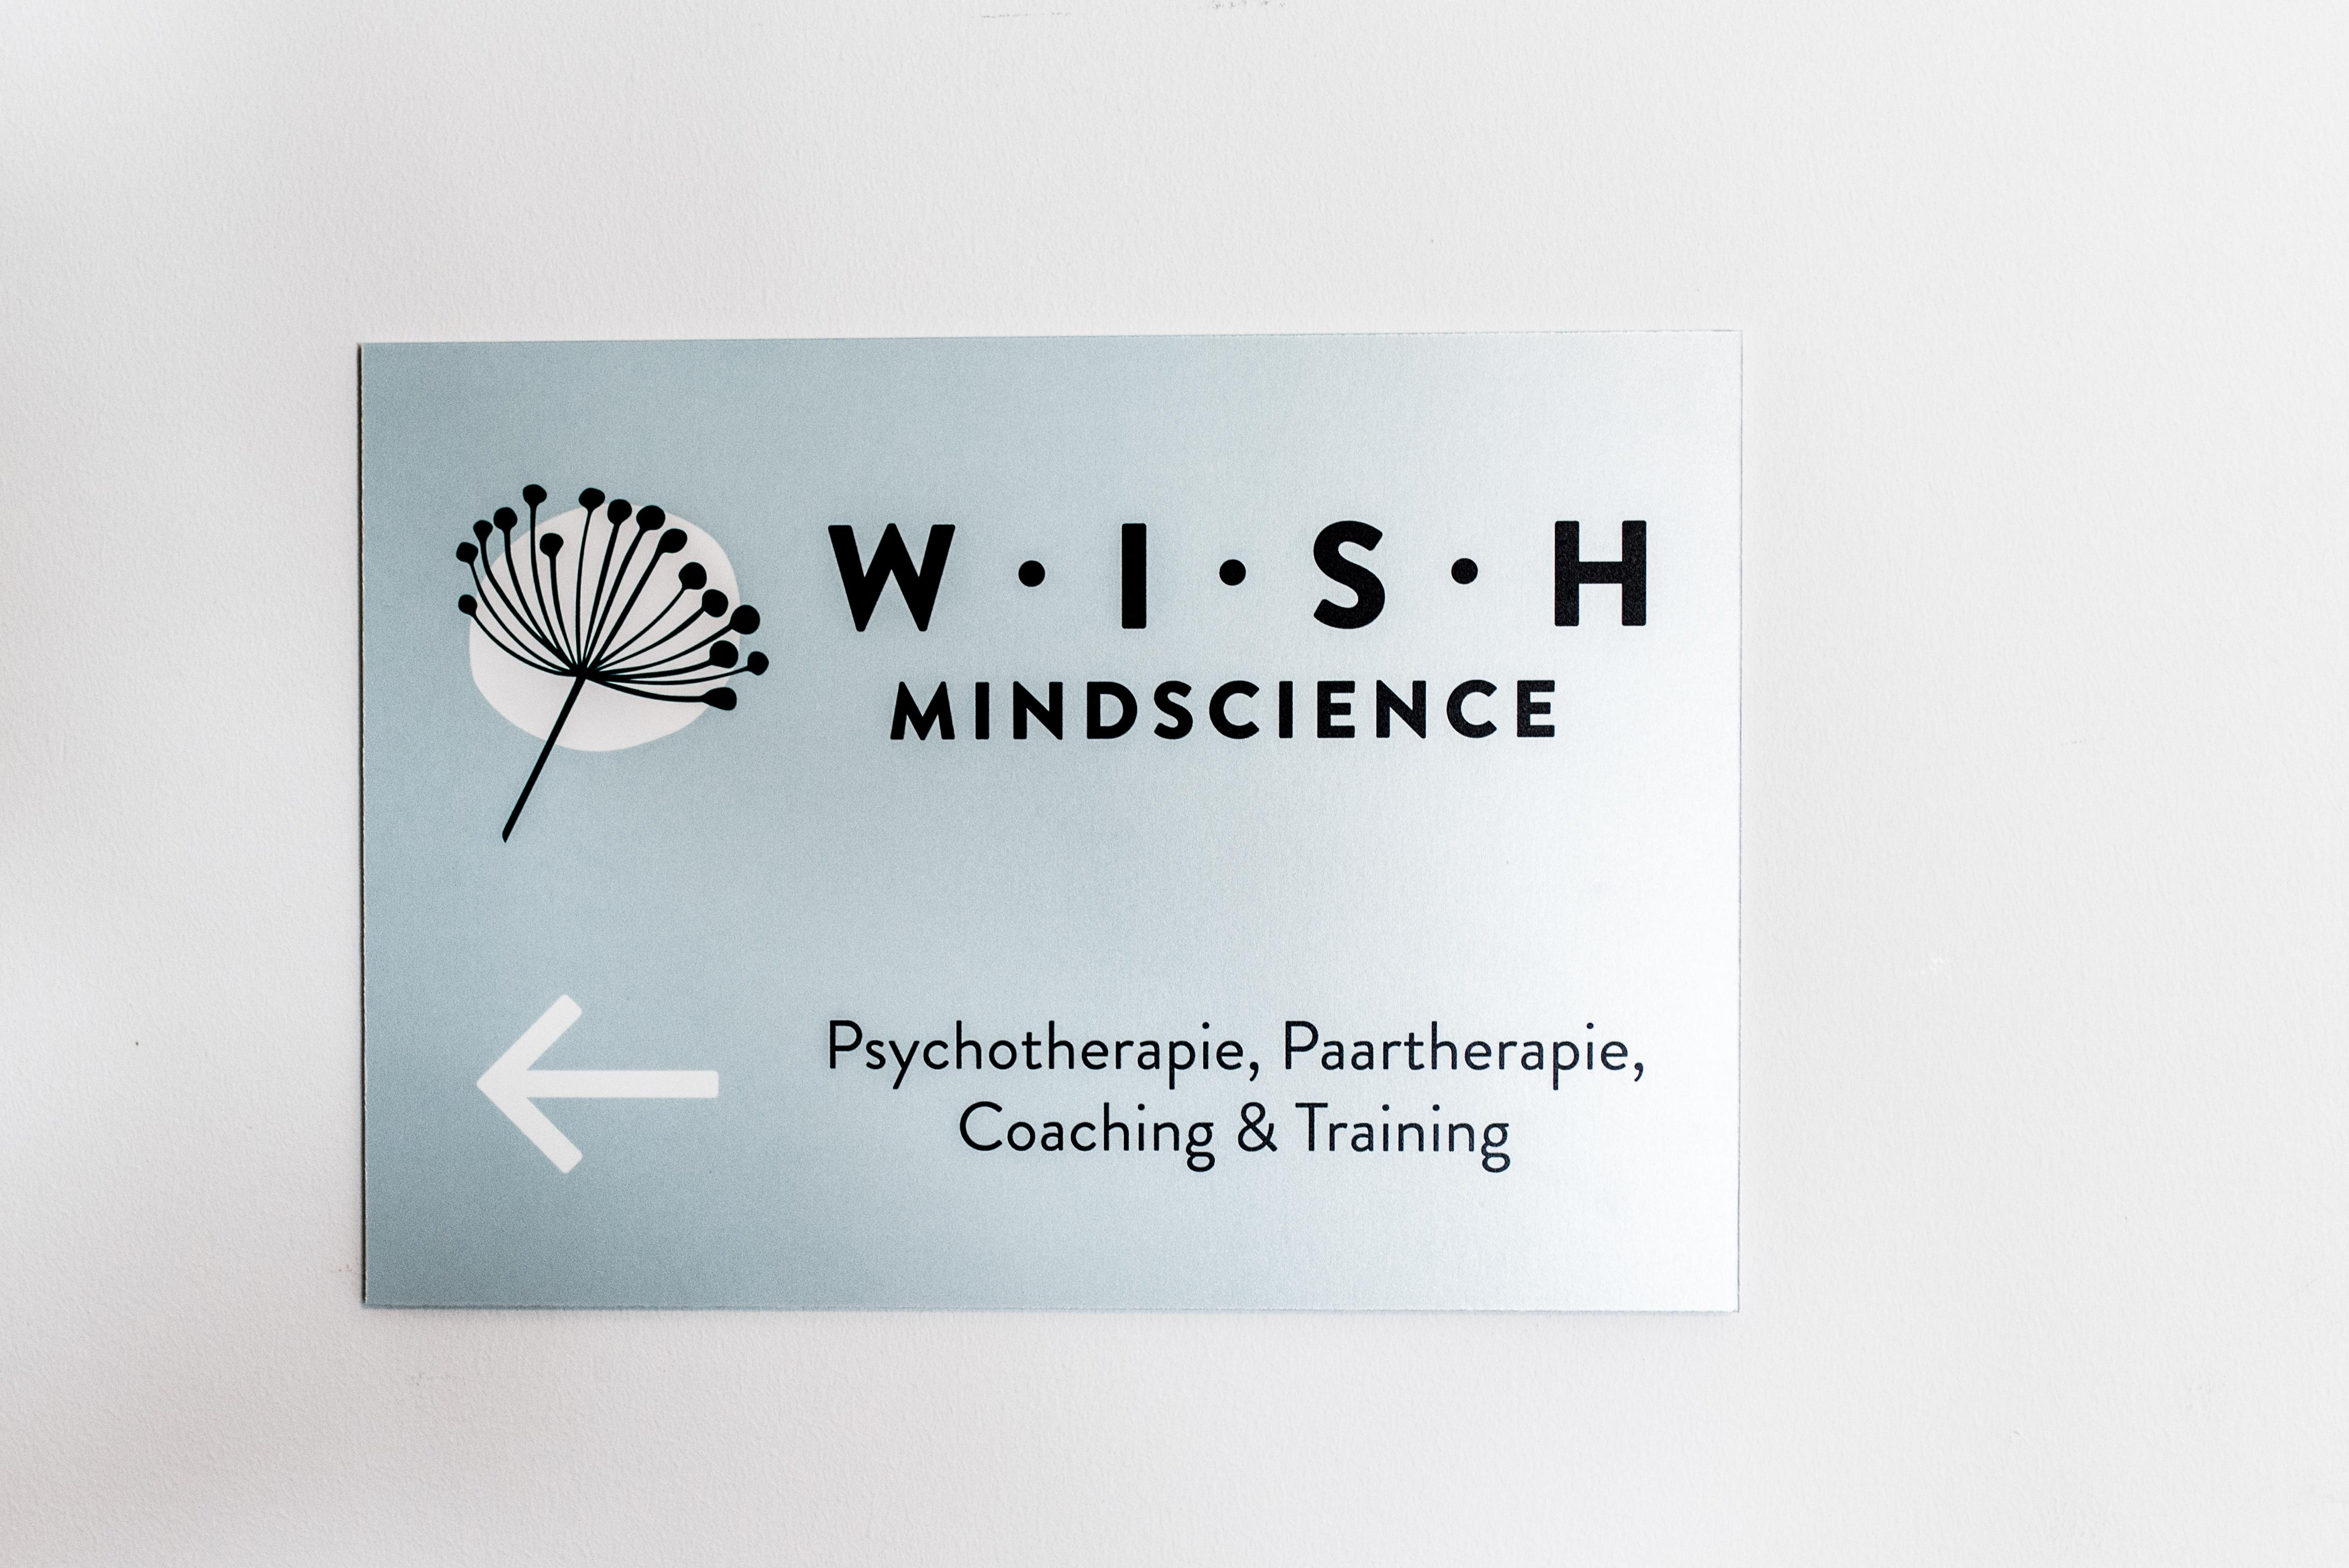 WISH Mindscience